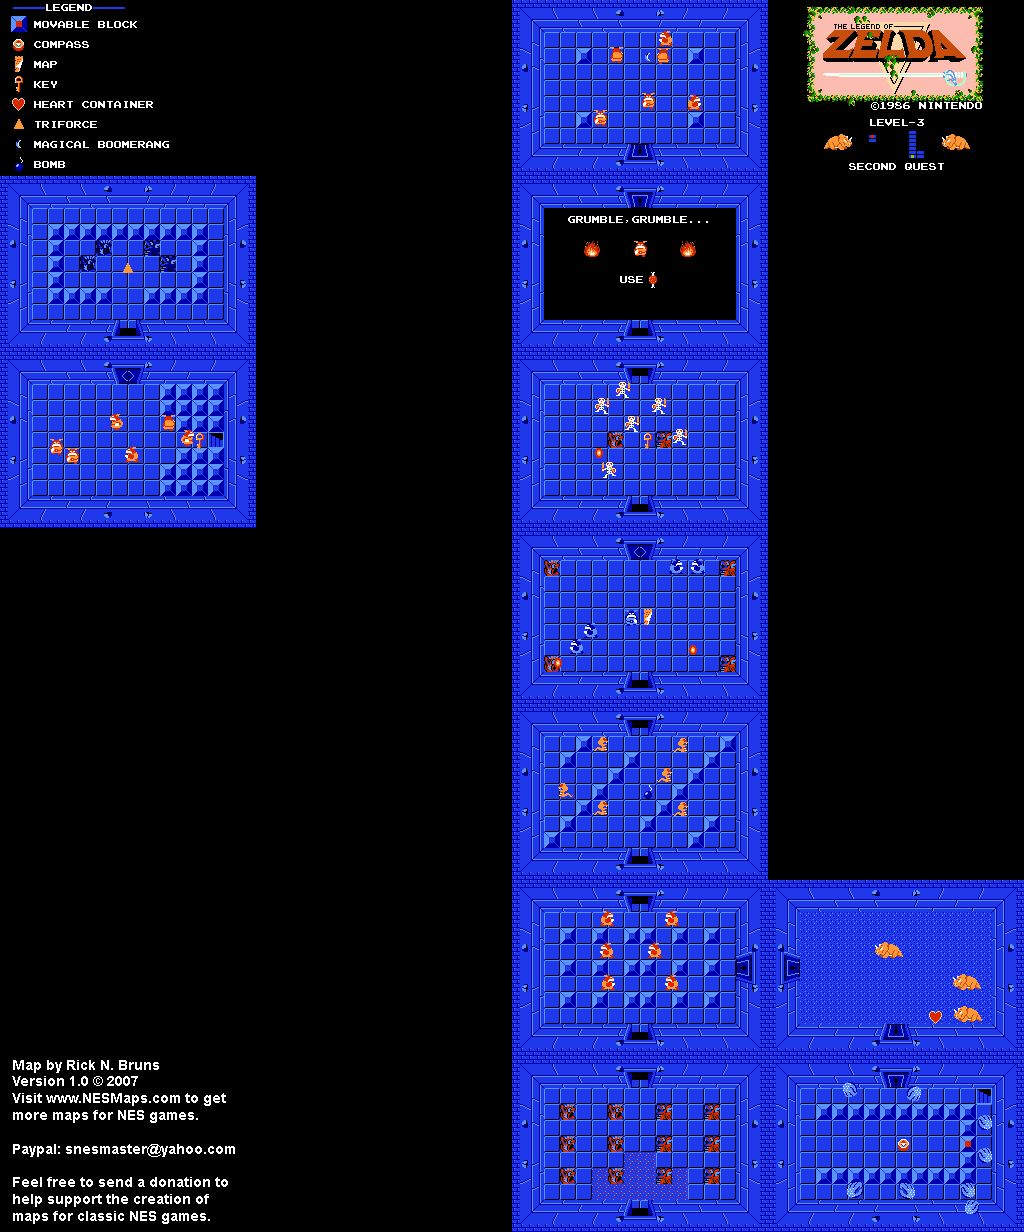 Legend Of Zelda 2 Map : legend, zelda, Zelda에, 있는, Connor, Reeve님의